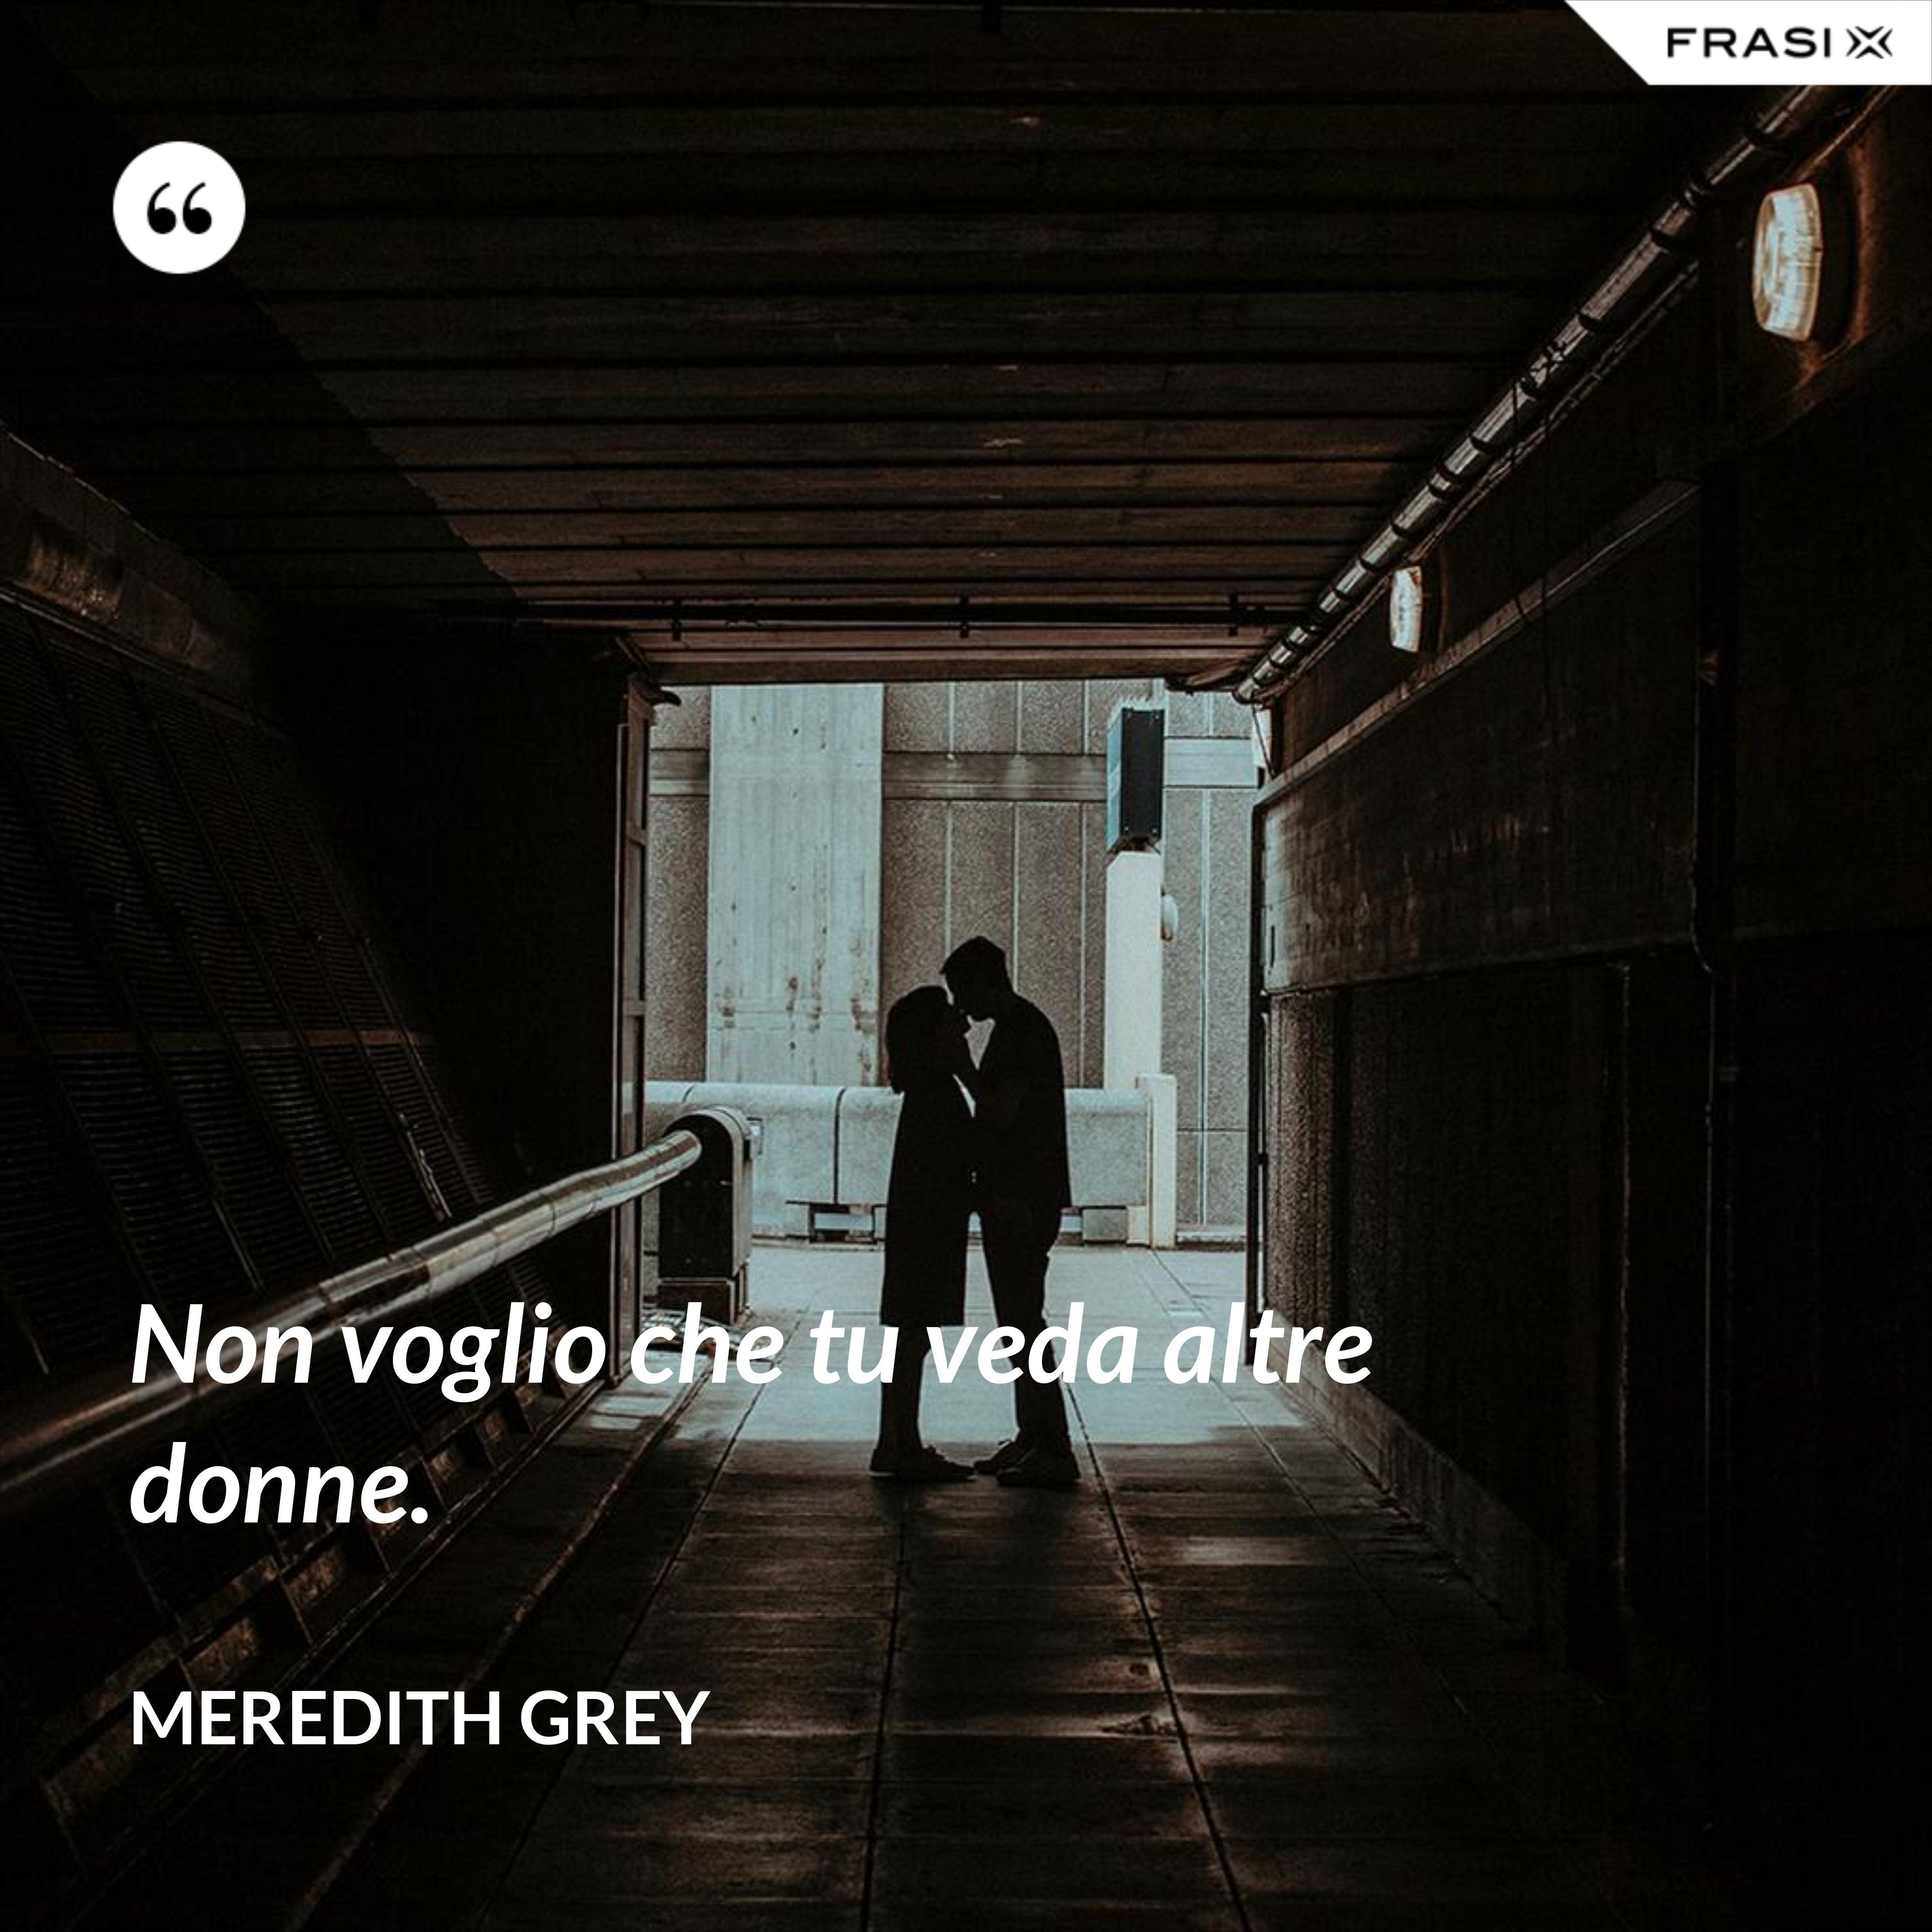 Non voglio che tu veda altre donne. - Meredith Grey